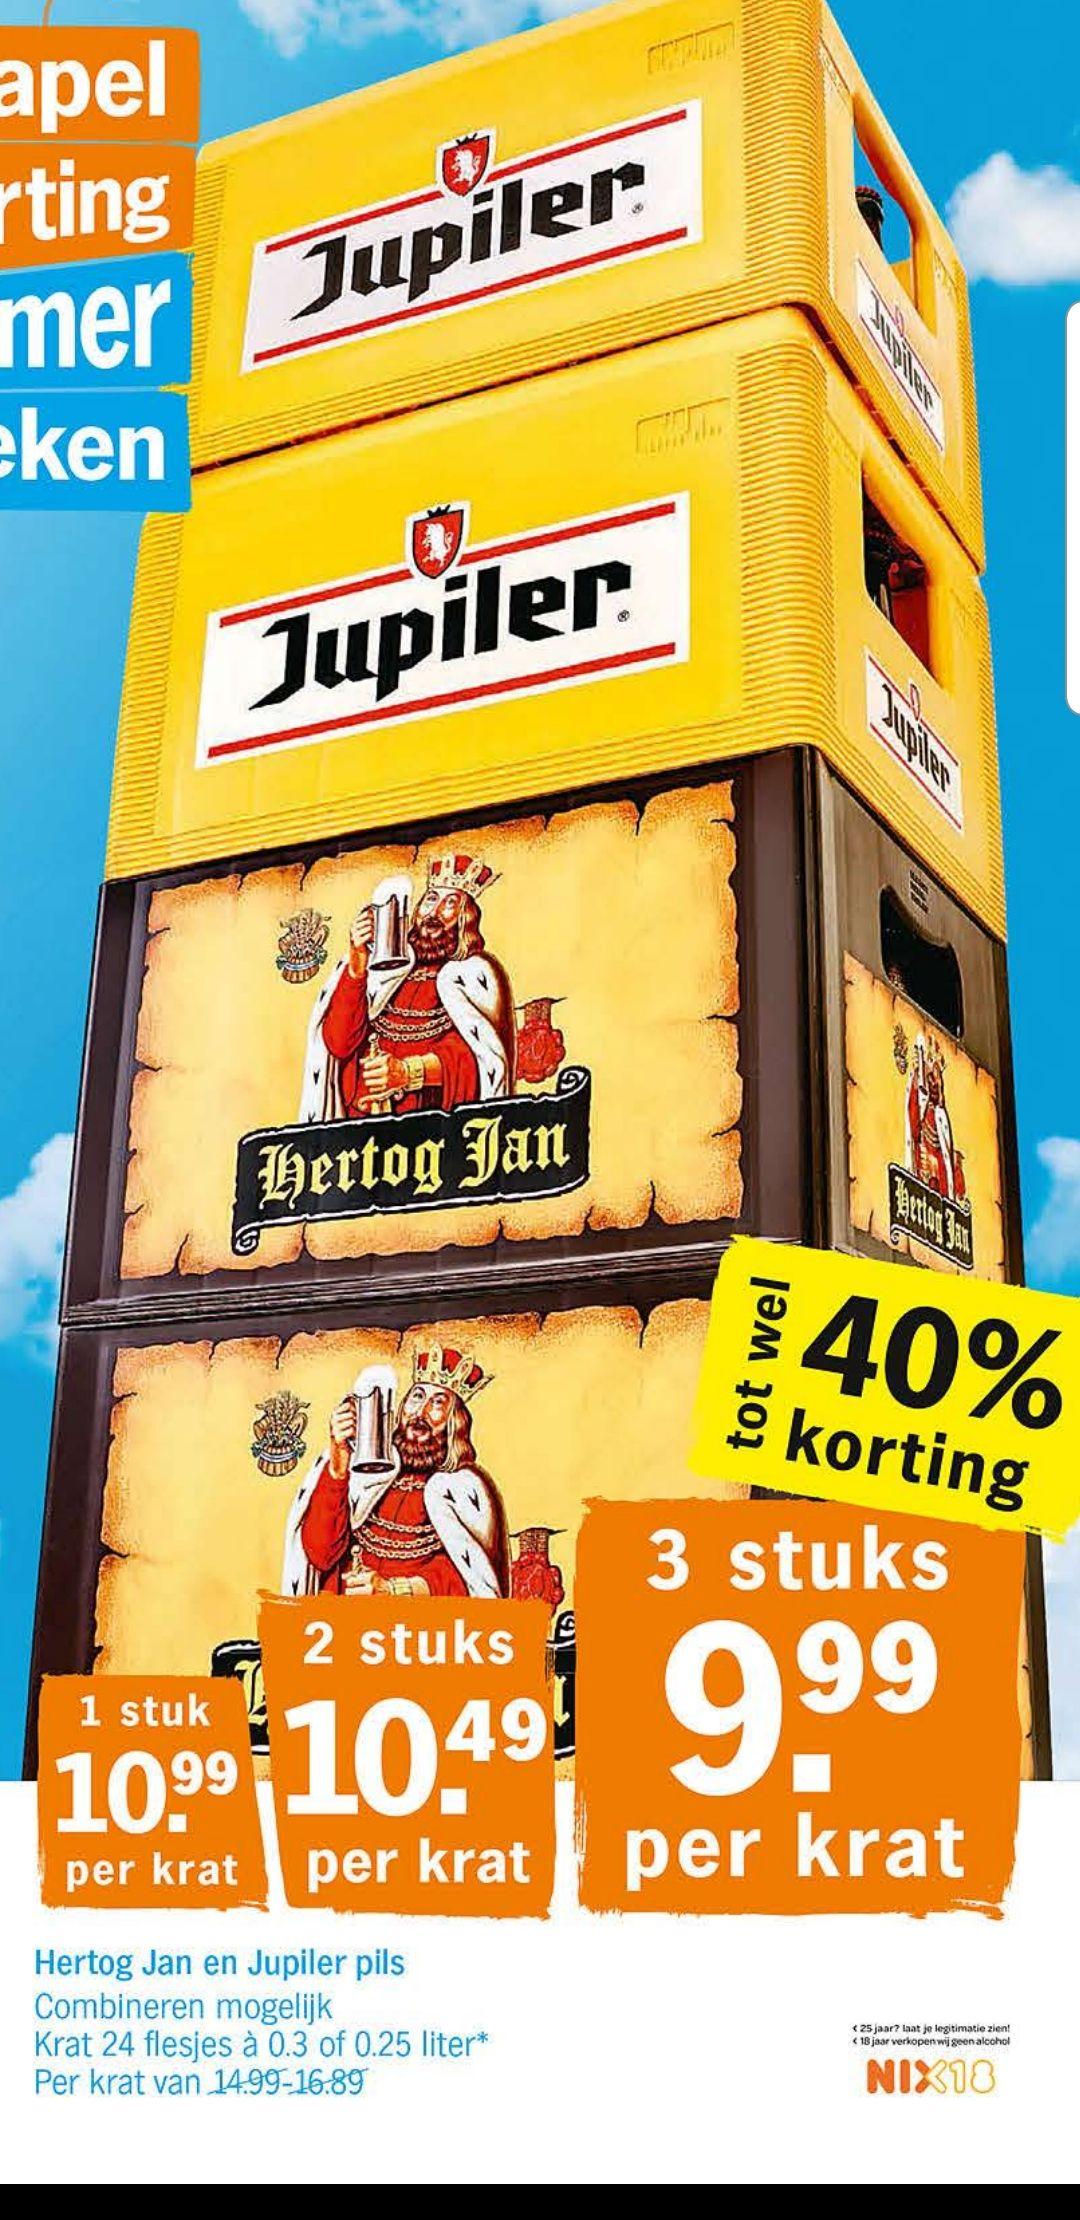 Stapelkorting bij AH met Jupiler en Hertog Jan